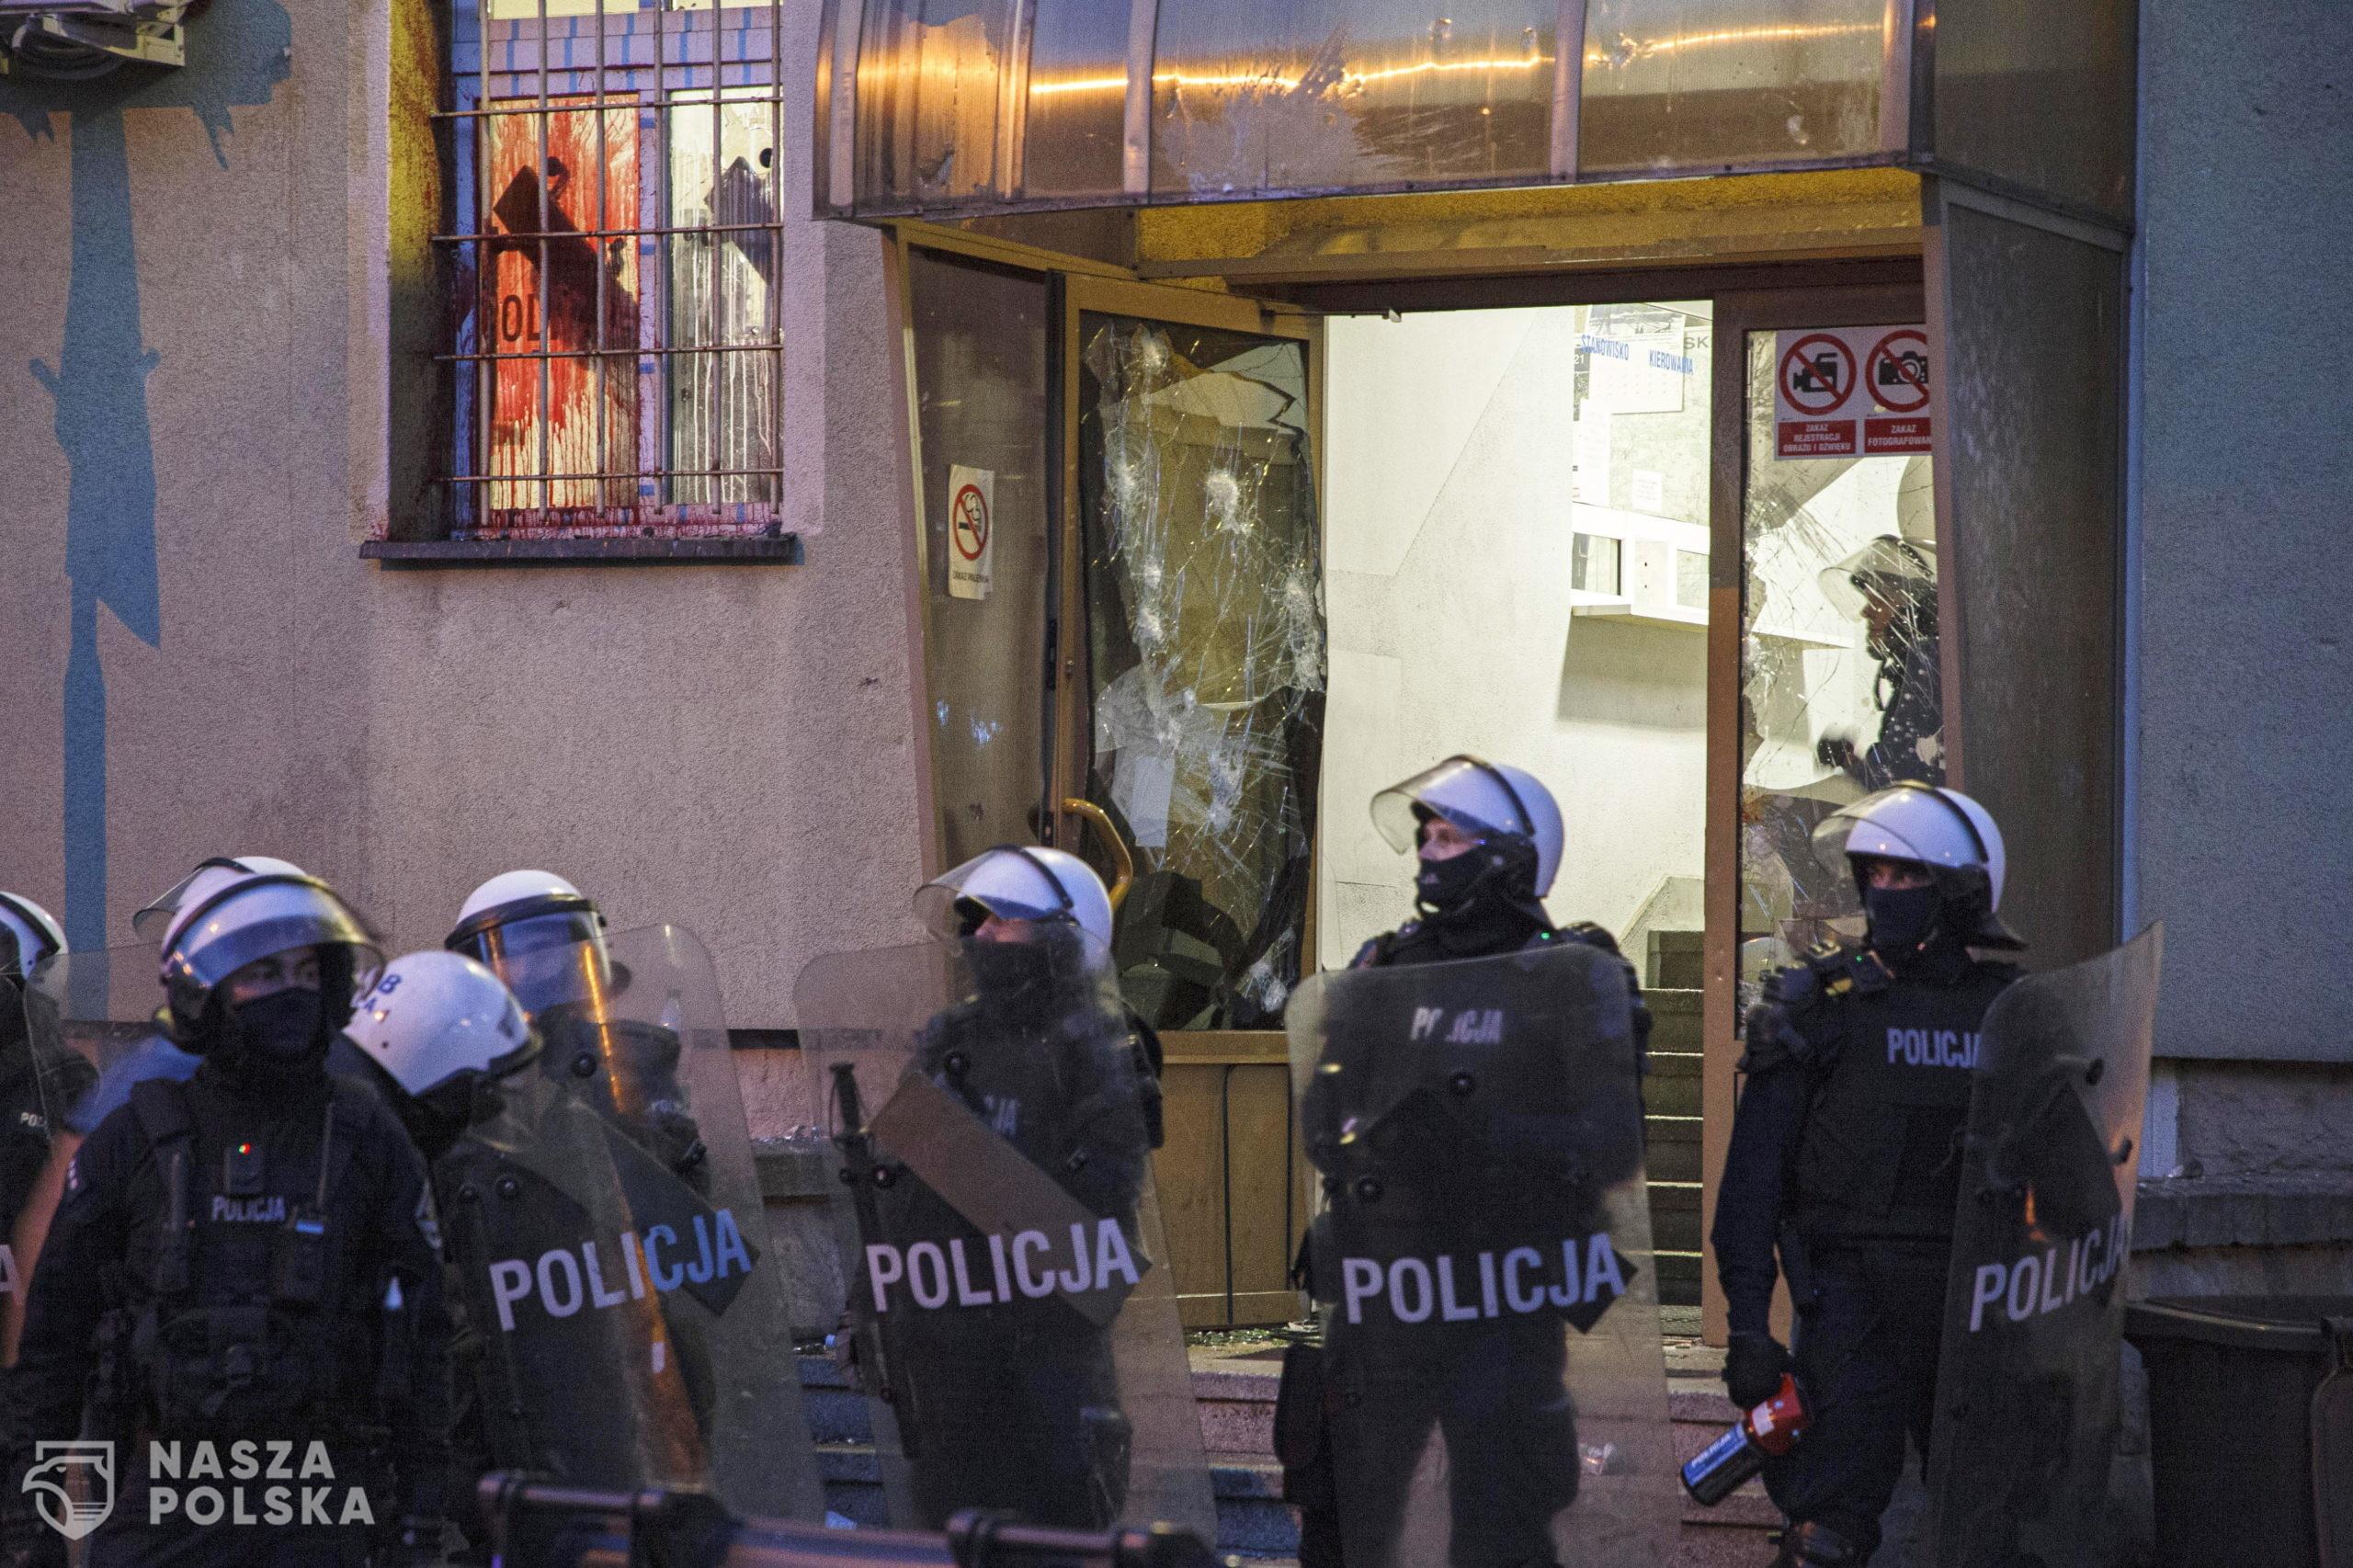 Lubin, 08.08.2021. Policja podczas protestu przed Komend¹ Powiatow¹ Policji na ul. Traugutta w Lubinie, 8 bm. W pi¹tek 6 bm. policjanci interweniowali w sprawie mê¿czyzny, który mia³ byæ pod wp³ywem narkotyków i rzucaæ w okna mieszkañców kamieniami. Policjanci po przybyciu go obezw³adnili. Protestuj¹cy uwa¿aj¹ ¿e mê¿czyzna zmar³ podczas interwencji. (aldg) PAP/Aleksander KoŸmiñski